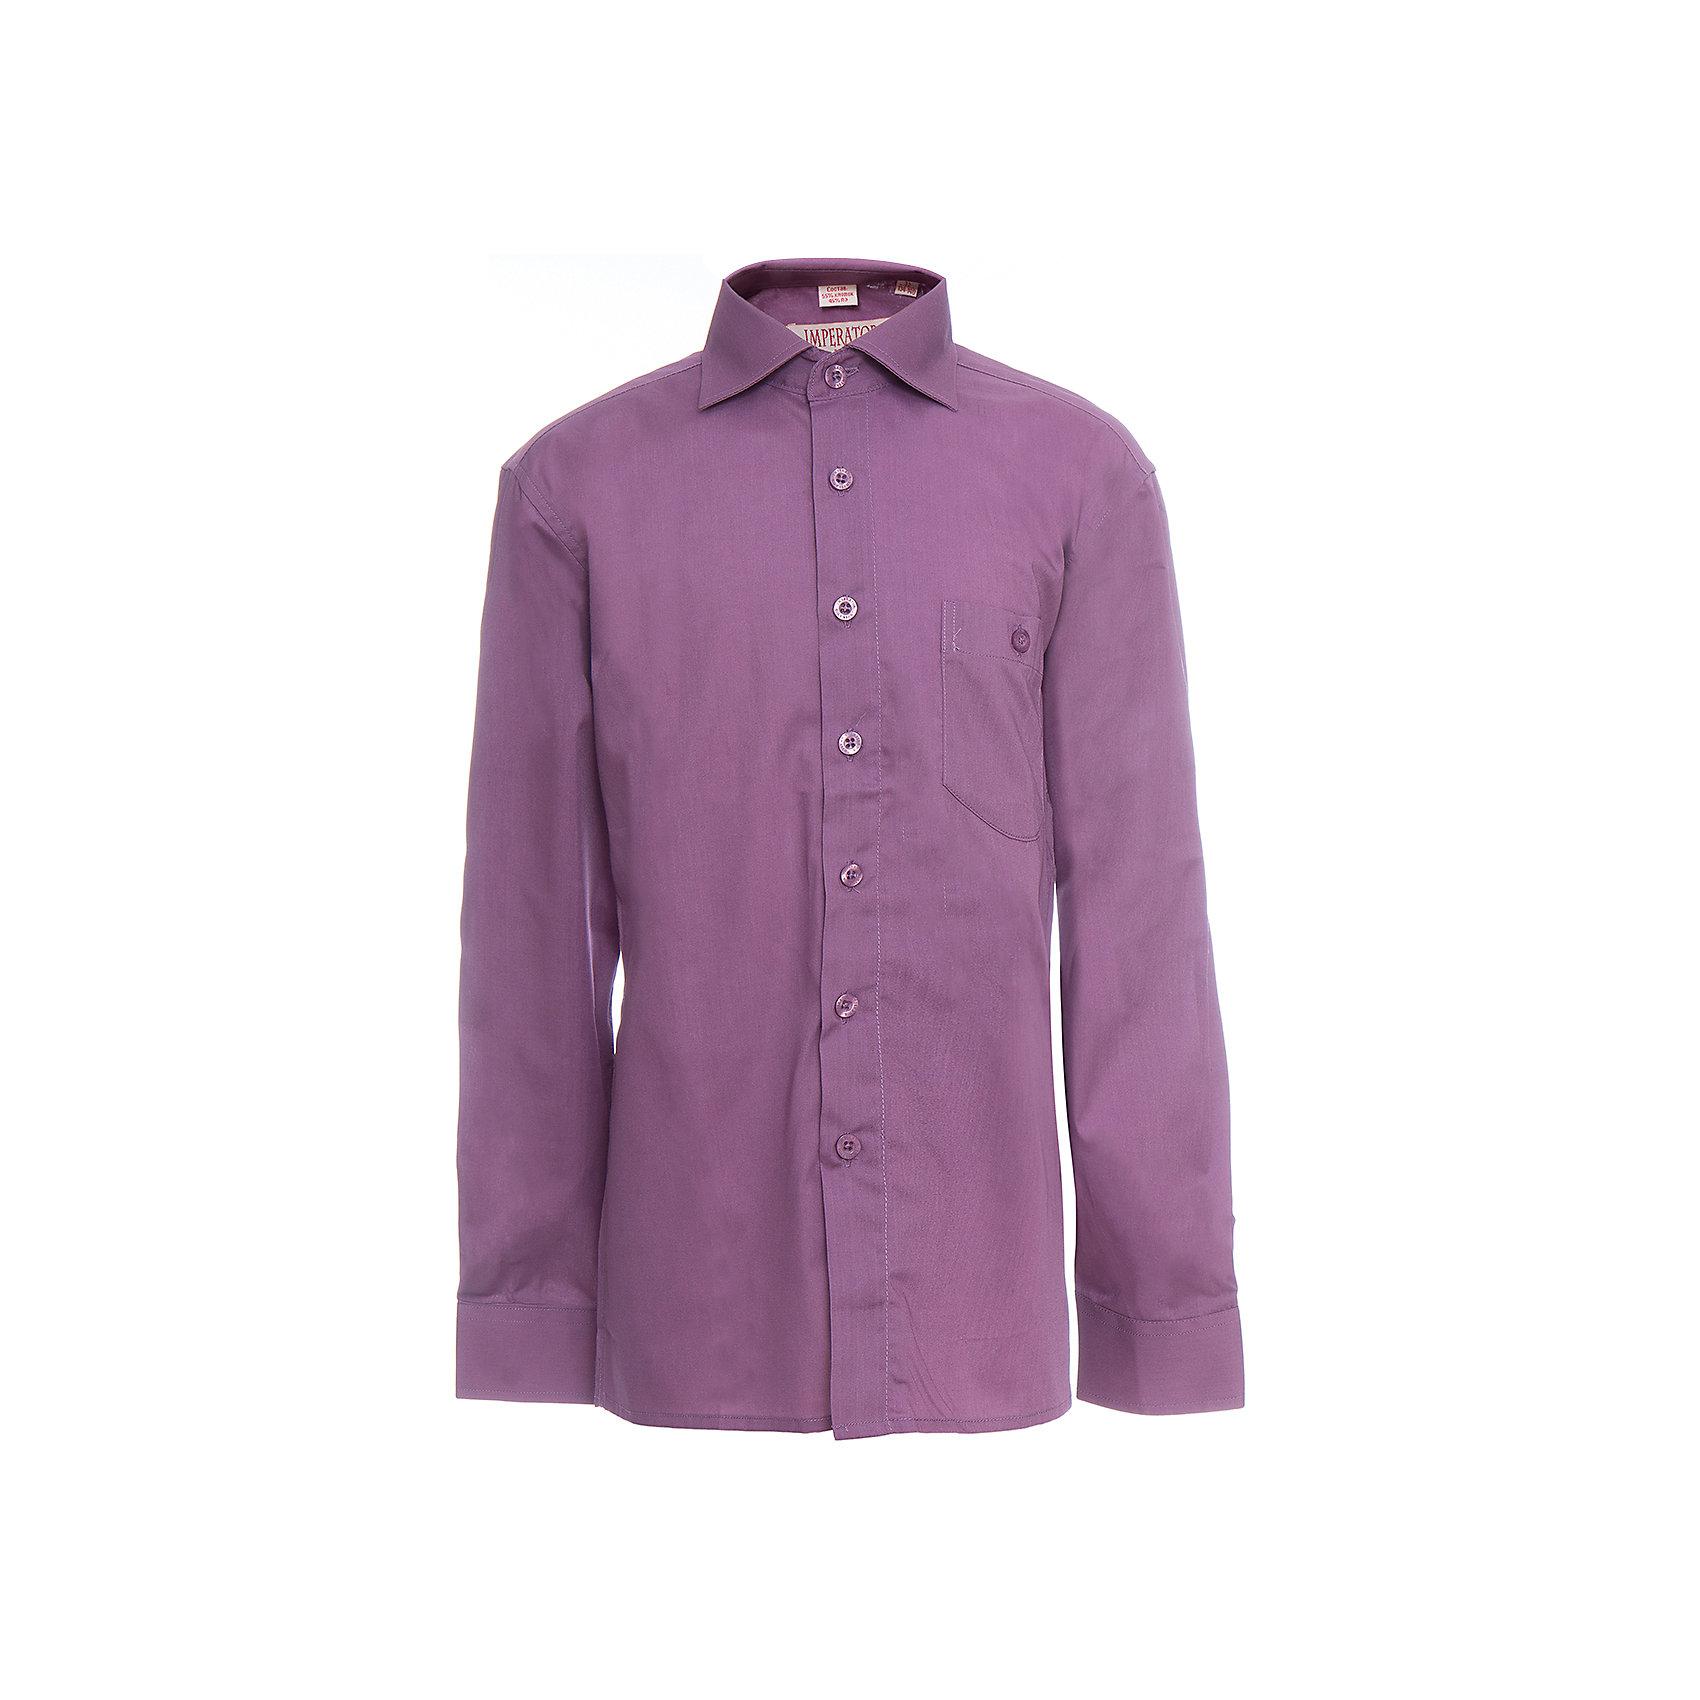 Рубашка для мальчика ImperatorБлузки и рубашки<br>Характеристики товара:<br><br>• цвет: фиолетовый<br>• состав ткани: 55% хлопок, 45% полиэстер<br>• особенности: школьная, праздничная<br>• застежка: пуговицы<br>• рукава: длинные<br>• сезон: круглый год<br>• страна бренда: Российская Федерация<br>• страна изготовитель: Китай<br><br>Стильная классическая сорочка для мальчика - отличный вариант практичной и стильной школьной одежды..<br><br>Накладной карман, свободный покрой, дышащая ткань с преобладанием хлопка - красиво и удобно.<br><br>Рубашку для мальчика Imperator (Император) можно купить в нашем интернет-магазине.<br><br>Ширина мм: 174<br>Глубина мм: 10<br>Высота мм: 169<br>Вес г: 157<br>Цвет: лиловый<br>Возраст от месяцев: 108<br>Возраст до месяцев: 120<br>Пол: Мужской<br>Возраст: Детский<br>Размер: 140/146,146/152,146/152,152/158,152/158,158/164,164/170,122/128,128/134,134/140<br>SKU: 6860842